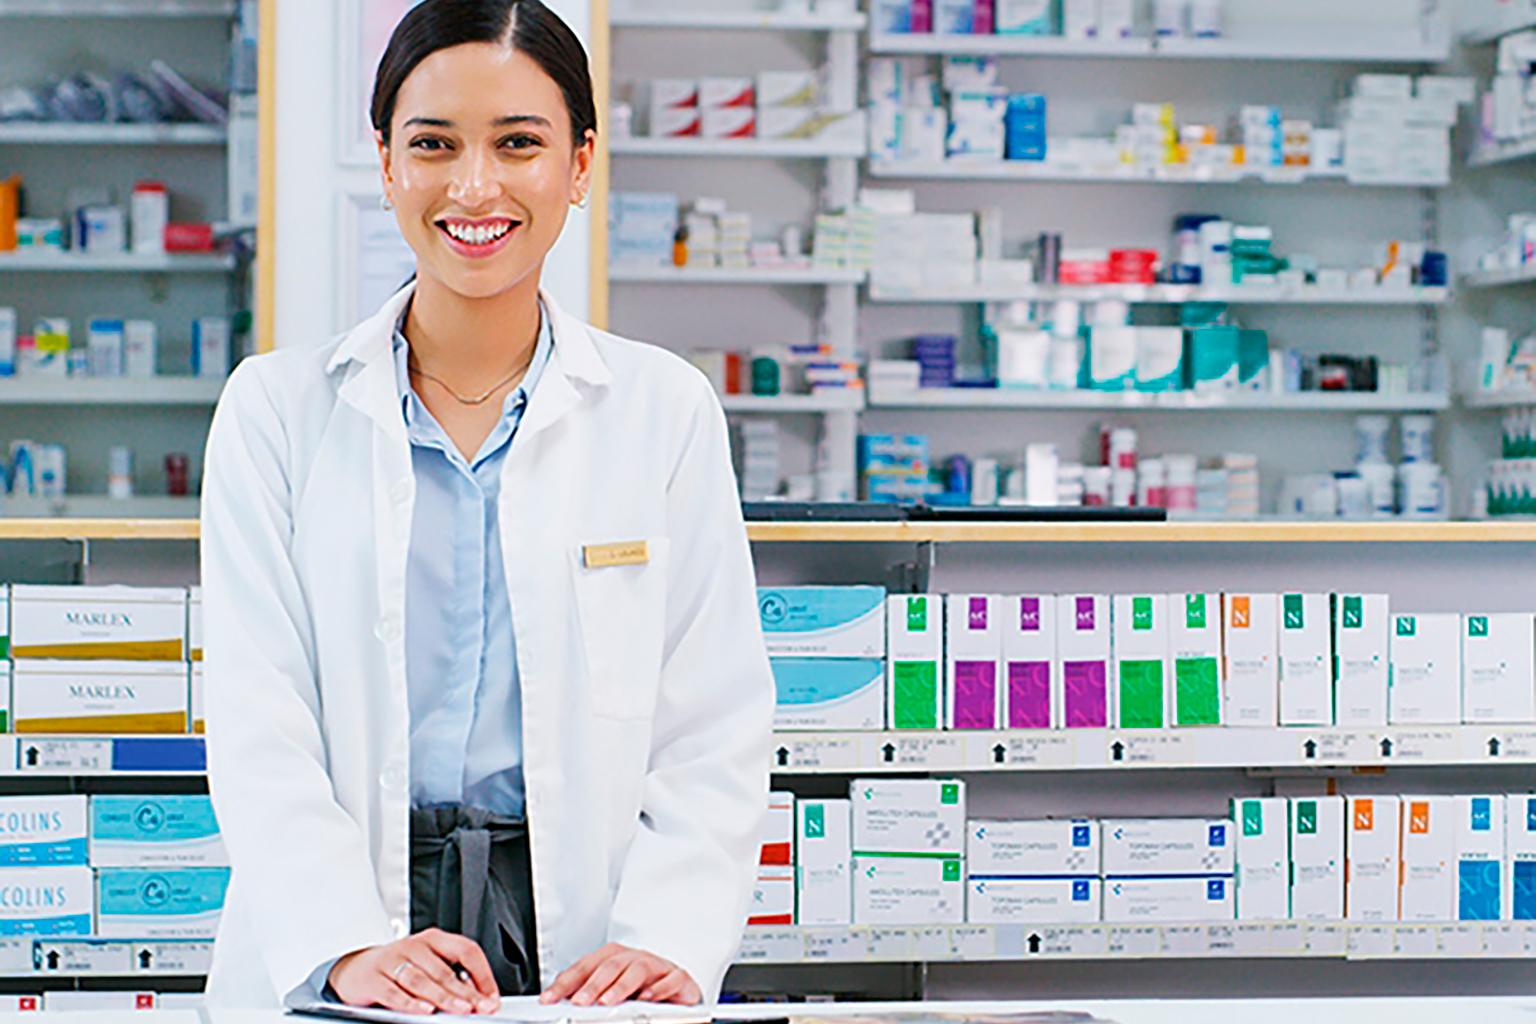 dcoupon llega a un acuerdo con la FEFE para llegar a más de 9300 farmacias en España